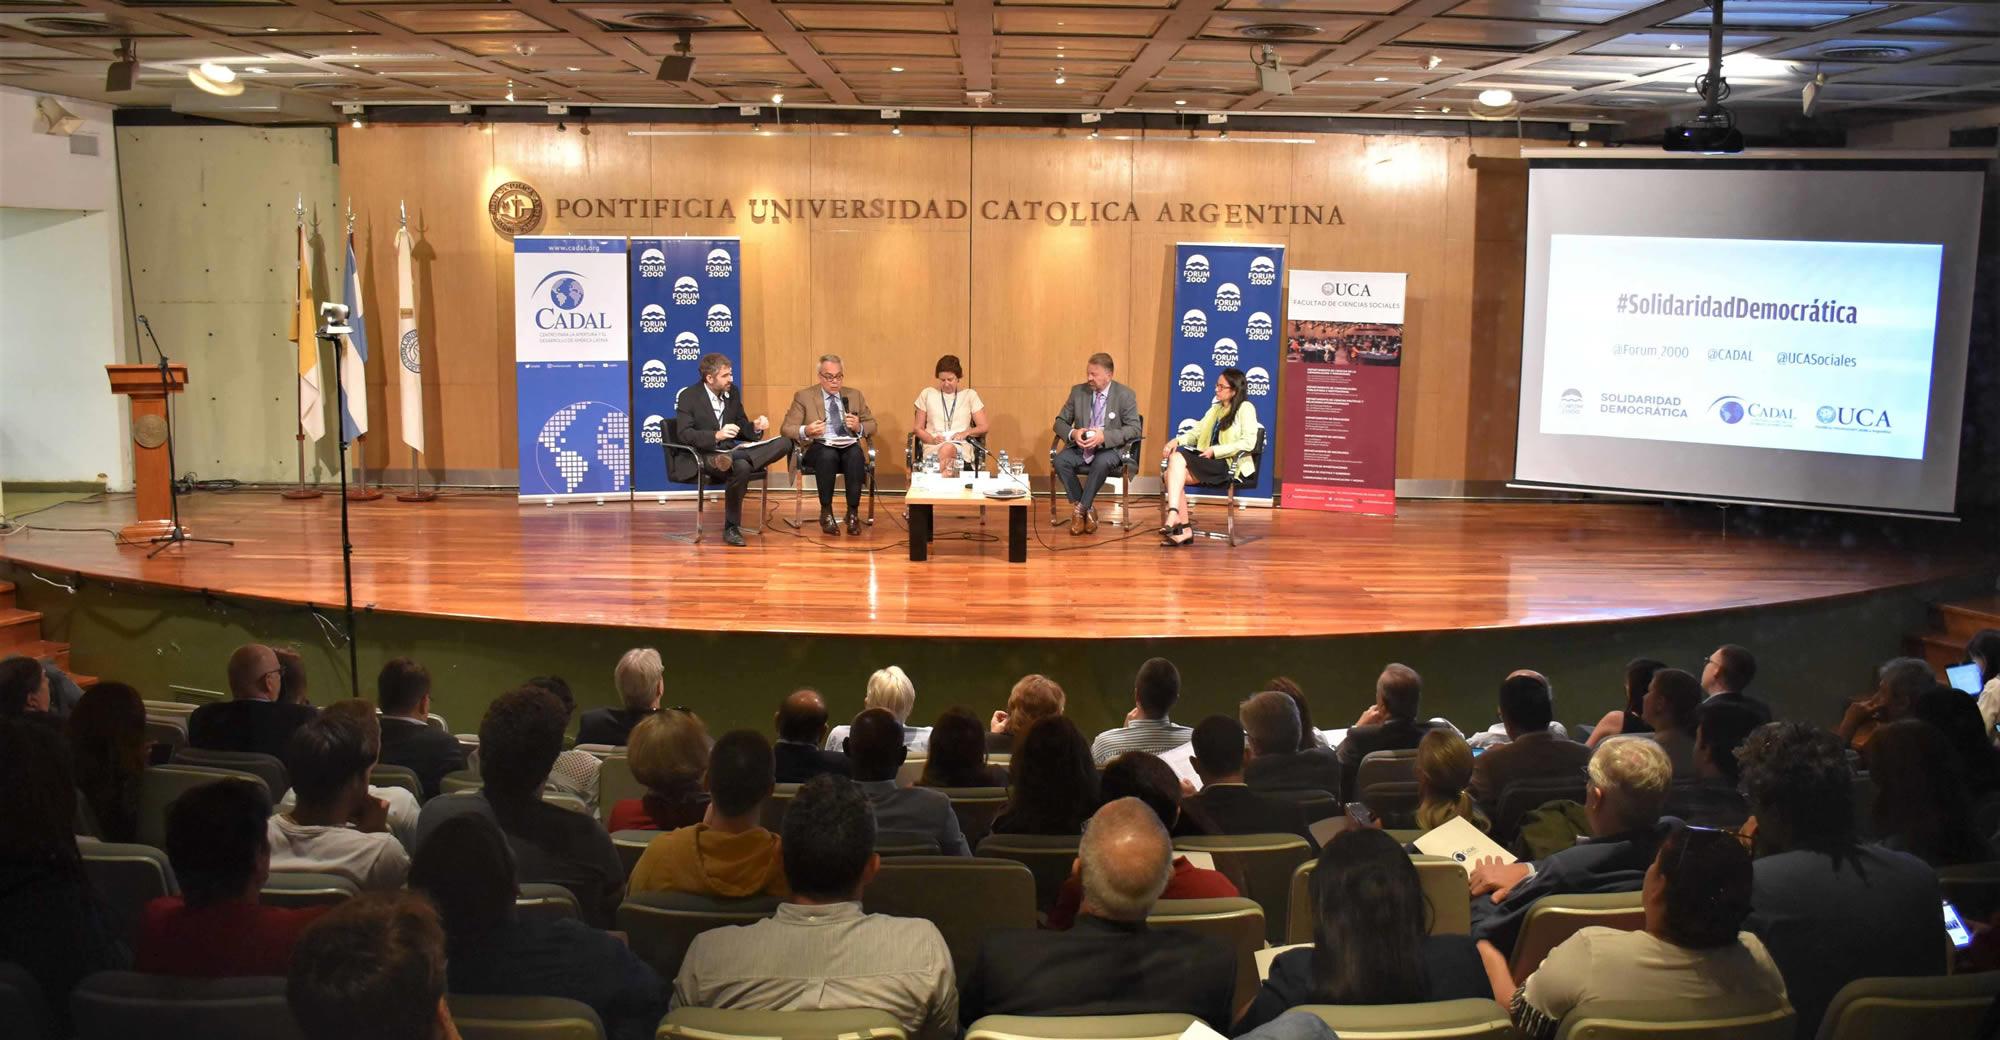 Desafíos y amenazas que enfrenta la democracia en la región